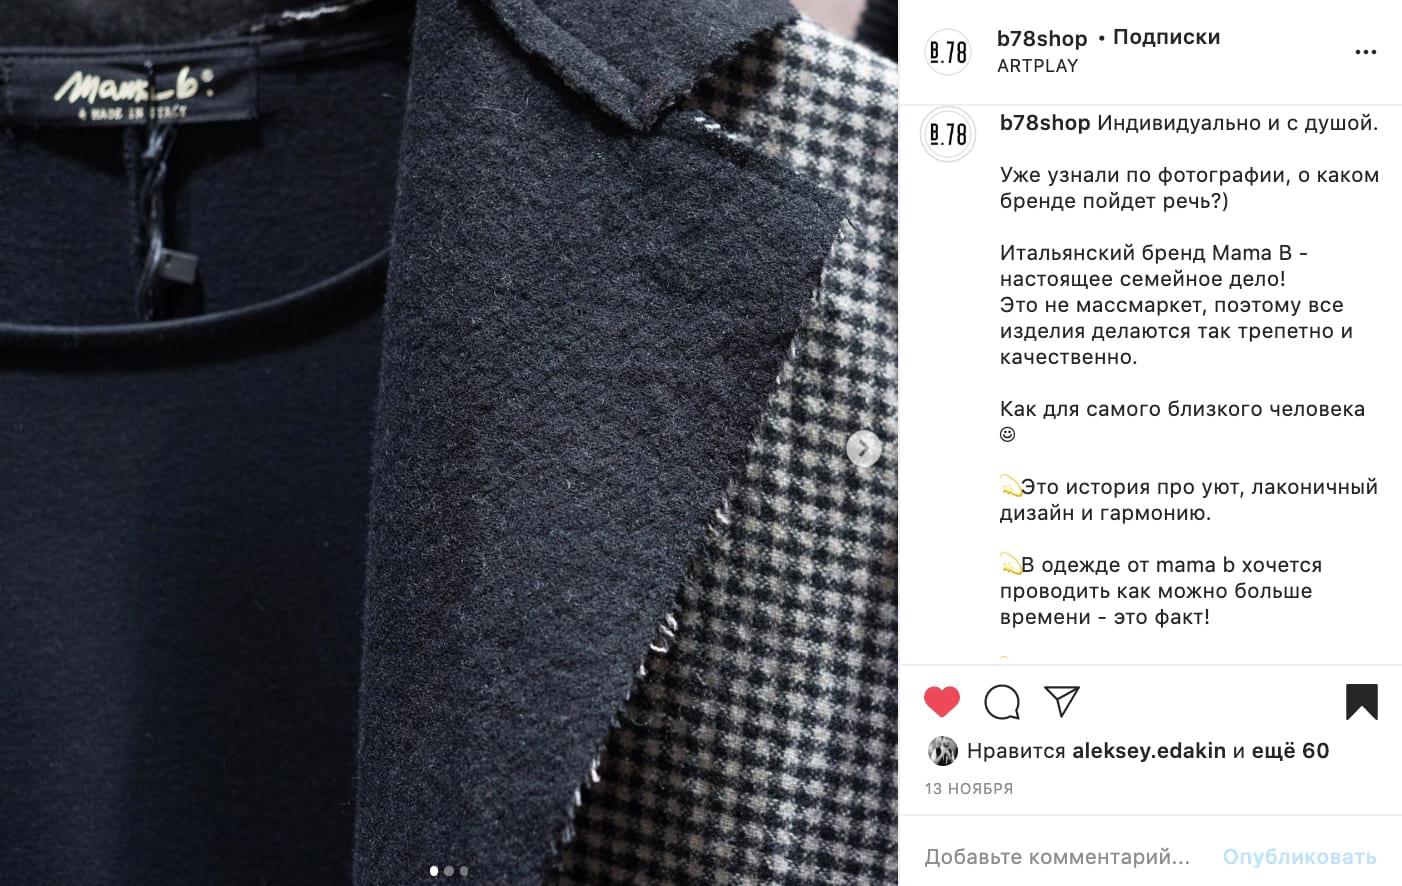 Магазин одежды рассказывает о представленном у них бренде